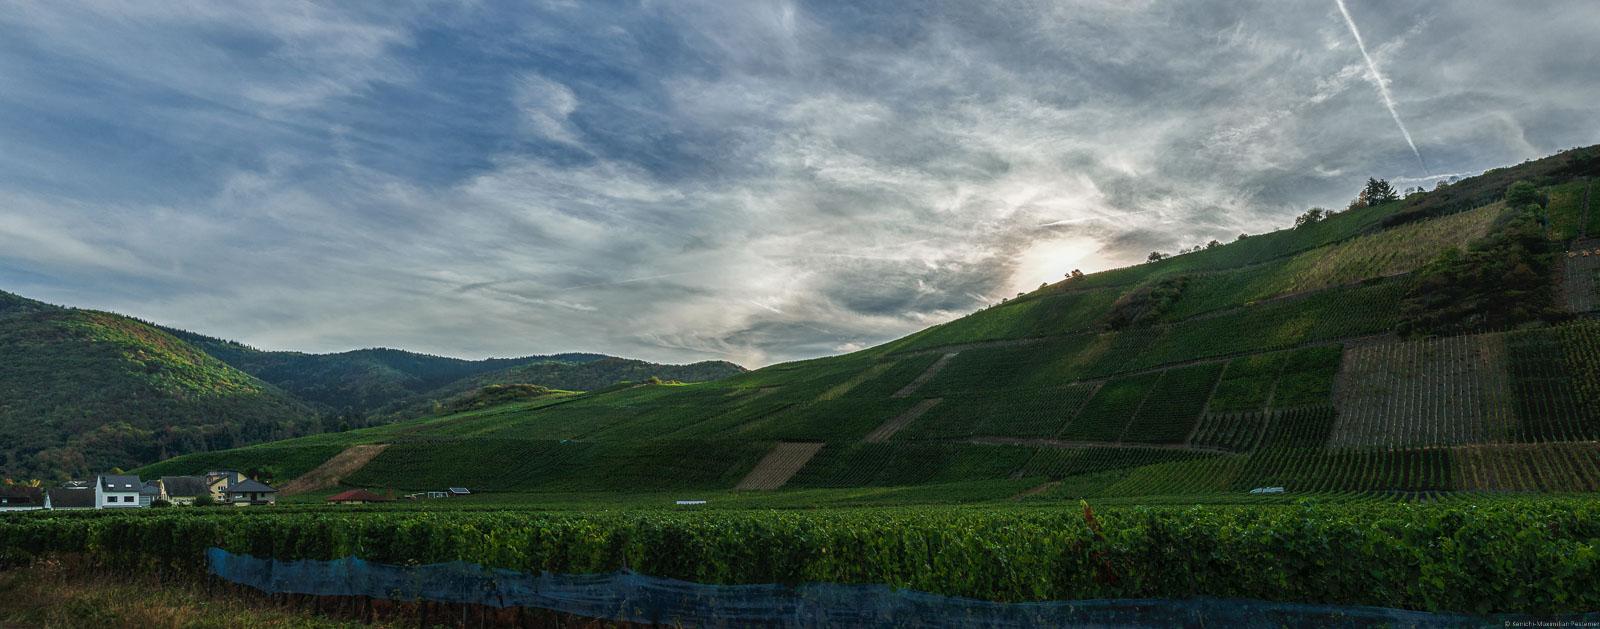 Vorne liegt der flache Weinberg Dernauer Burggarten. In der Mitte liegt der steile Weinberg Recher Herrenberg. Links auf dem Bild sind Häuser. Oben geht die Sonne am Weinberg unter. Der Himmel ist bewölkt.